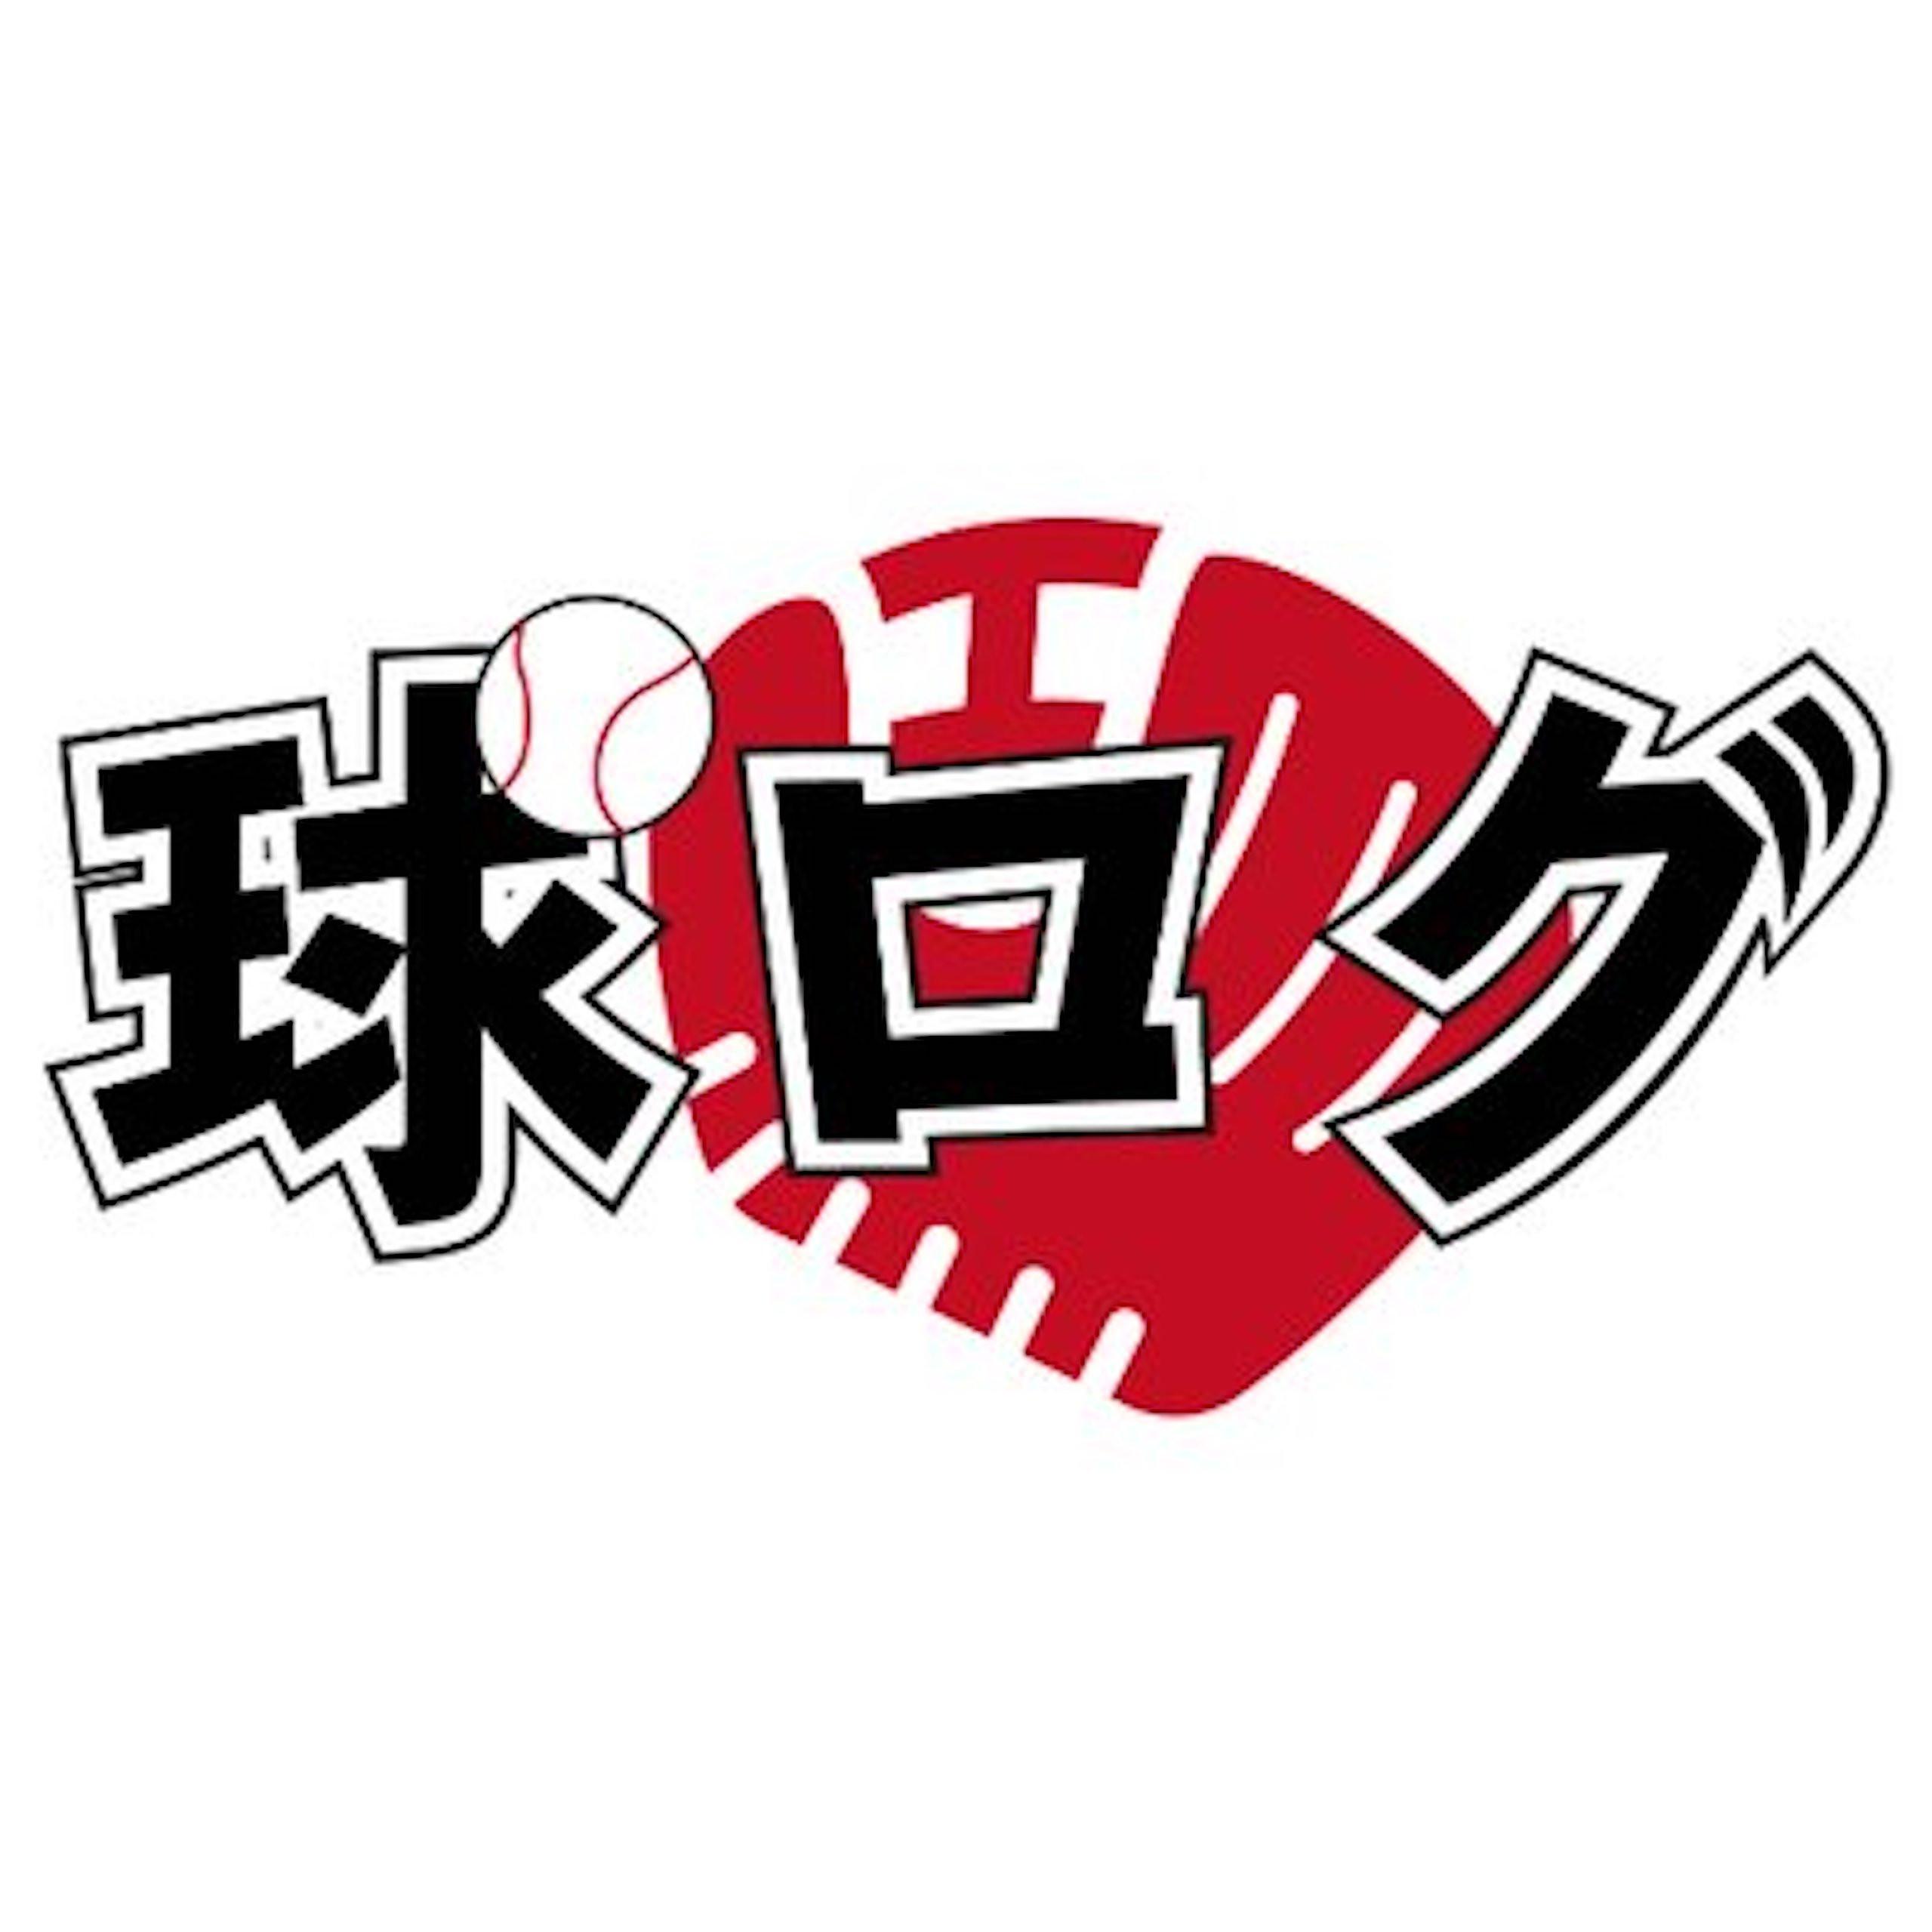 球ログスタジアム 平野逸平